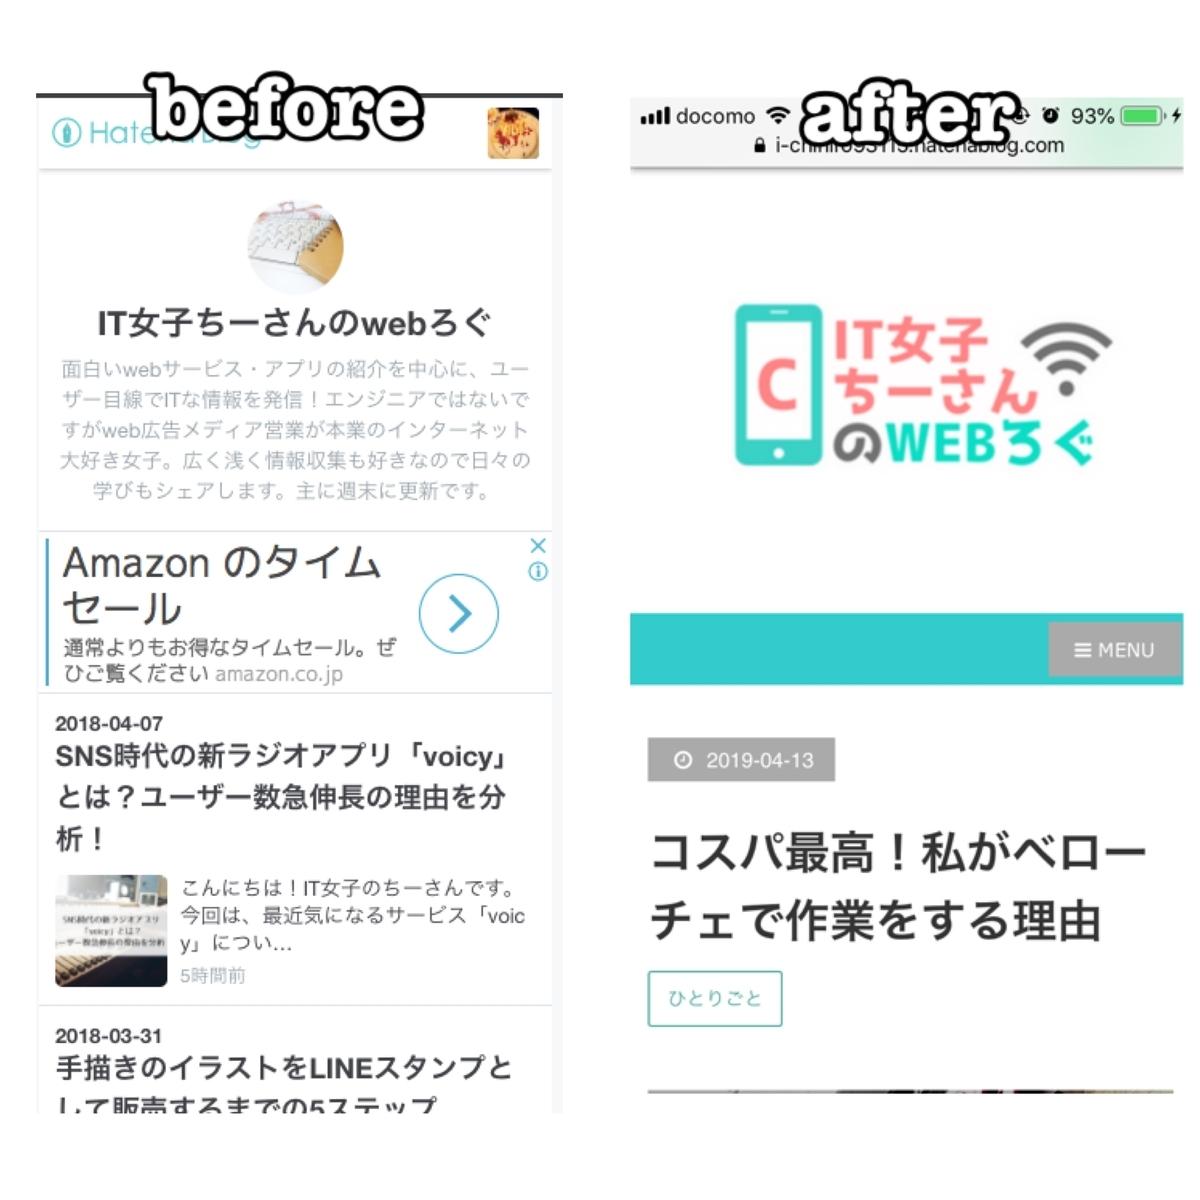 f:id:i-chihiro93115:20190414120111j:plain